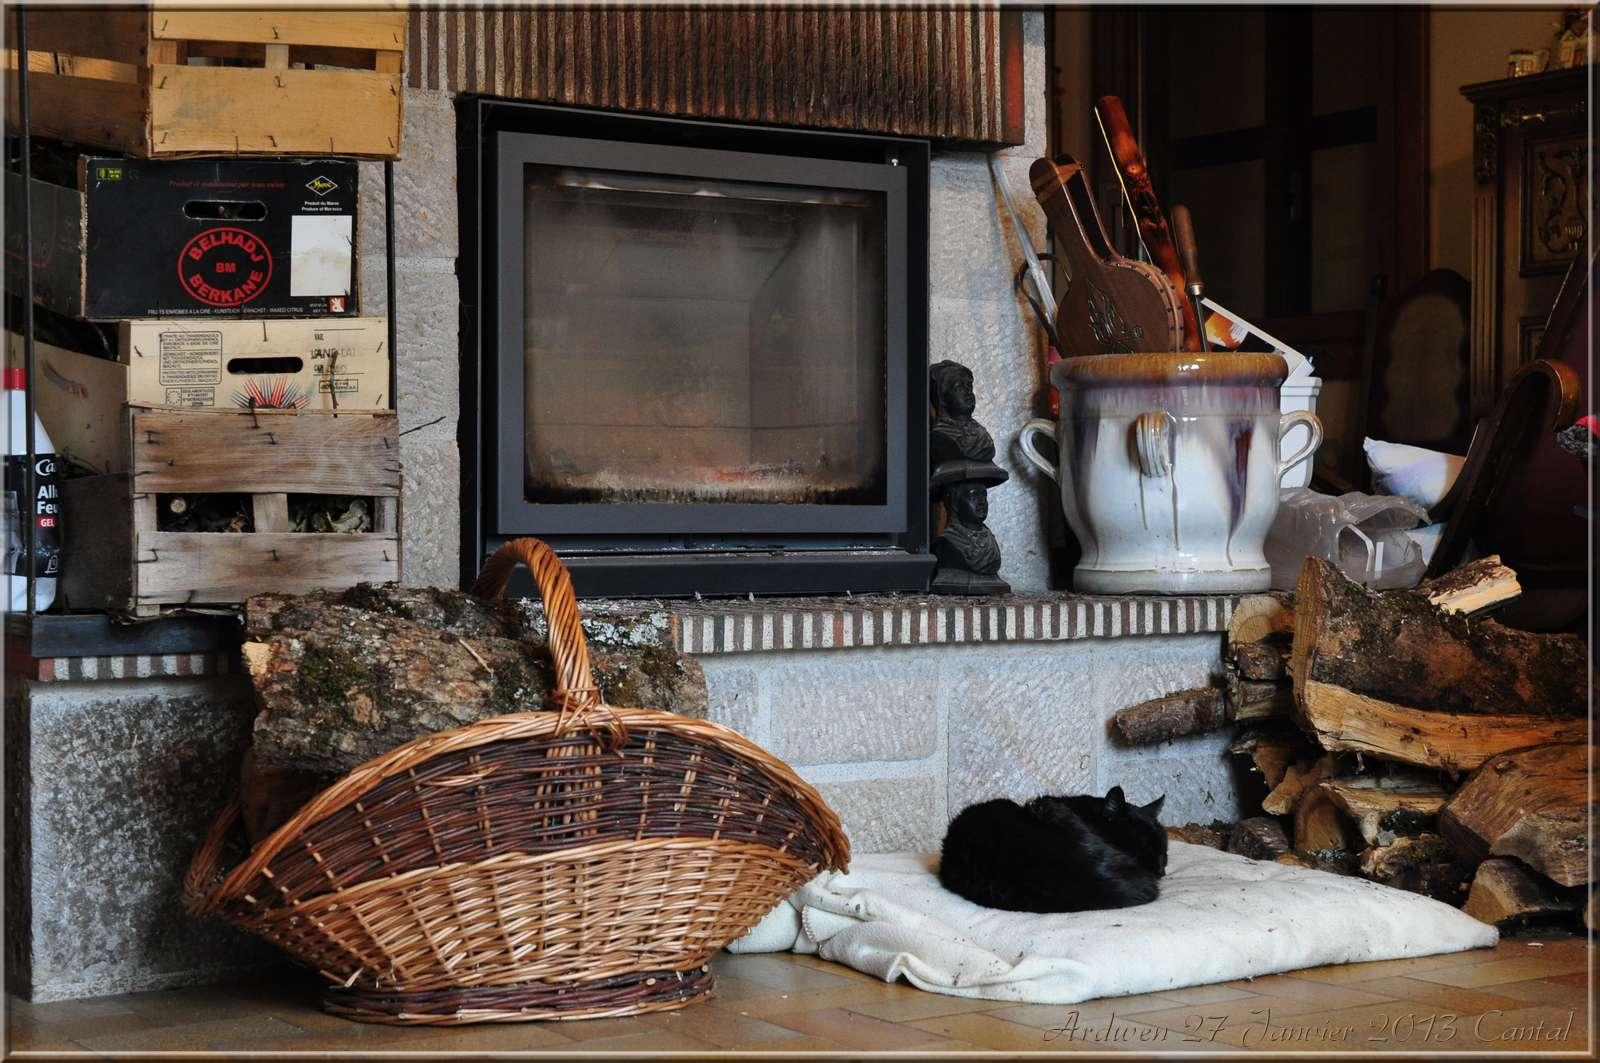 Blog de gifibrillephotos : Gifibrille Photos, 2012, 27 Janvier, Cantal... Un chat, un insert...